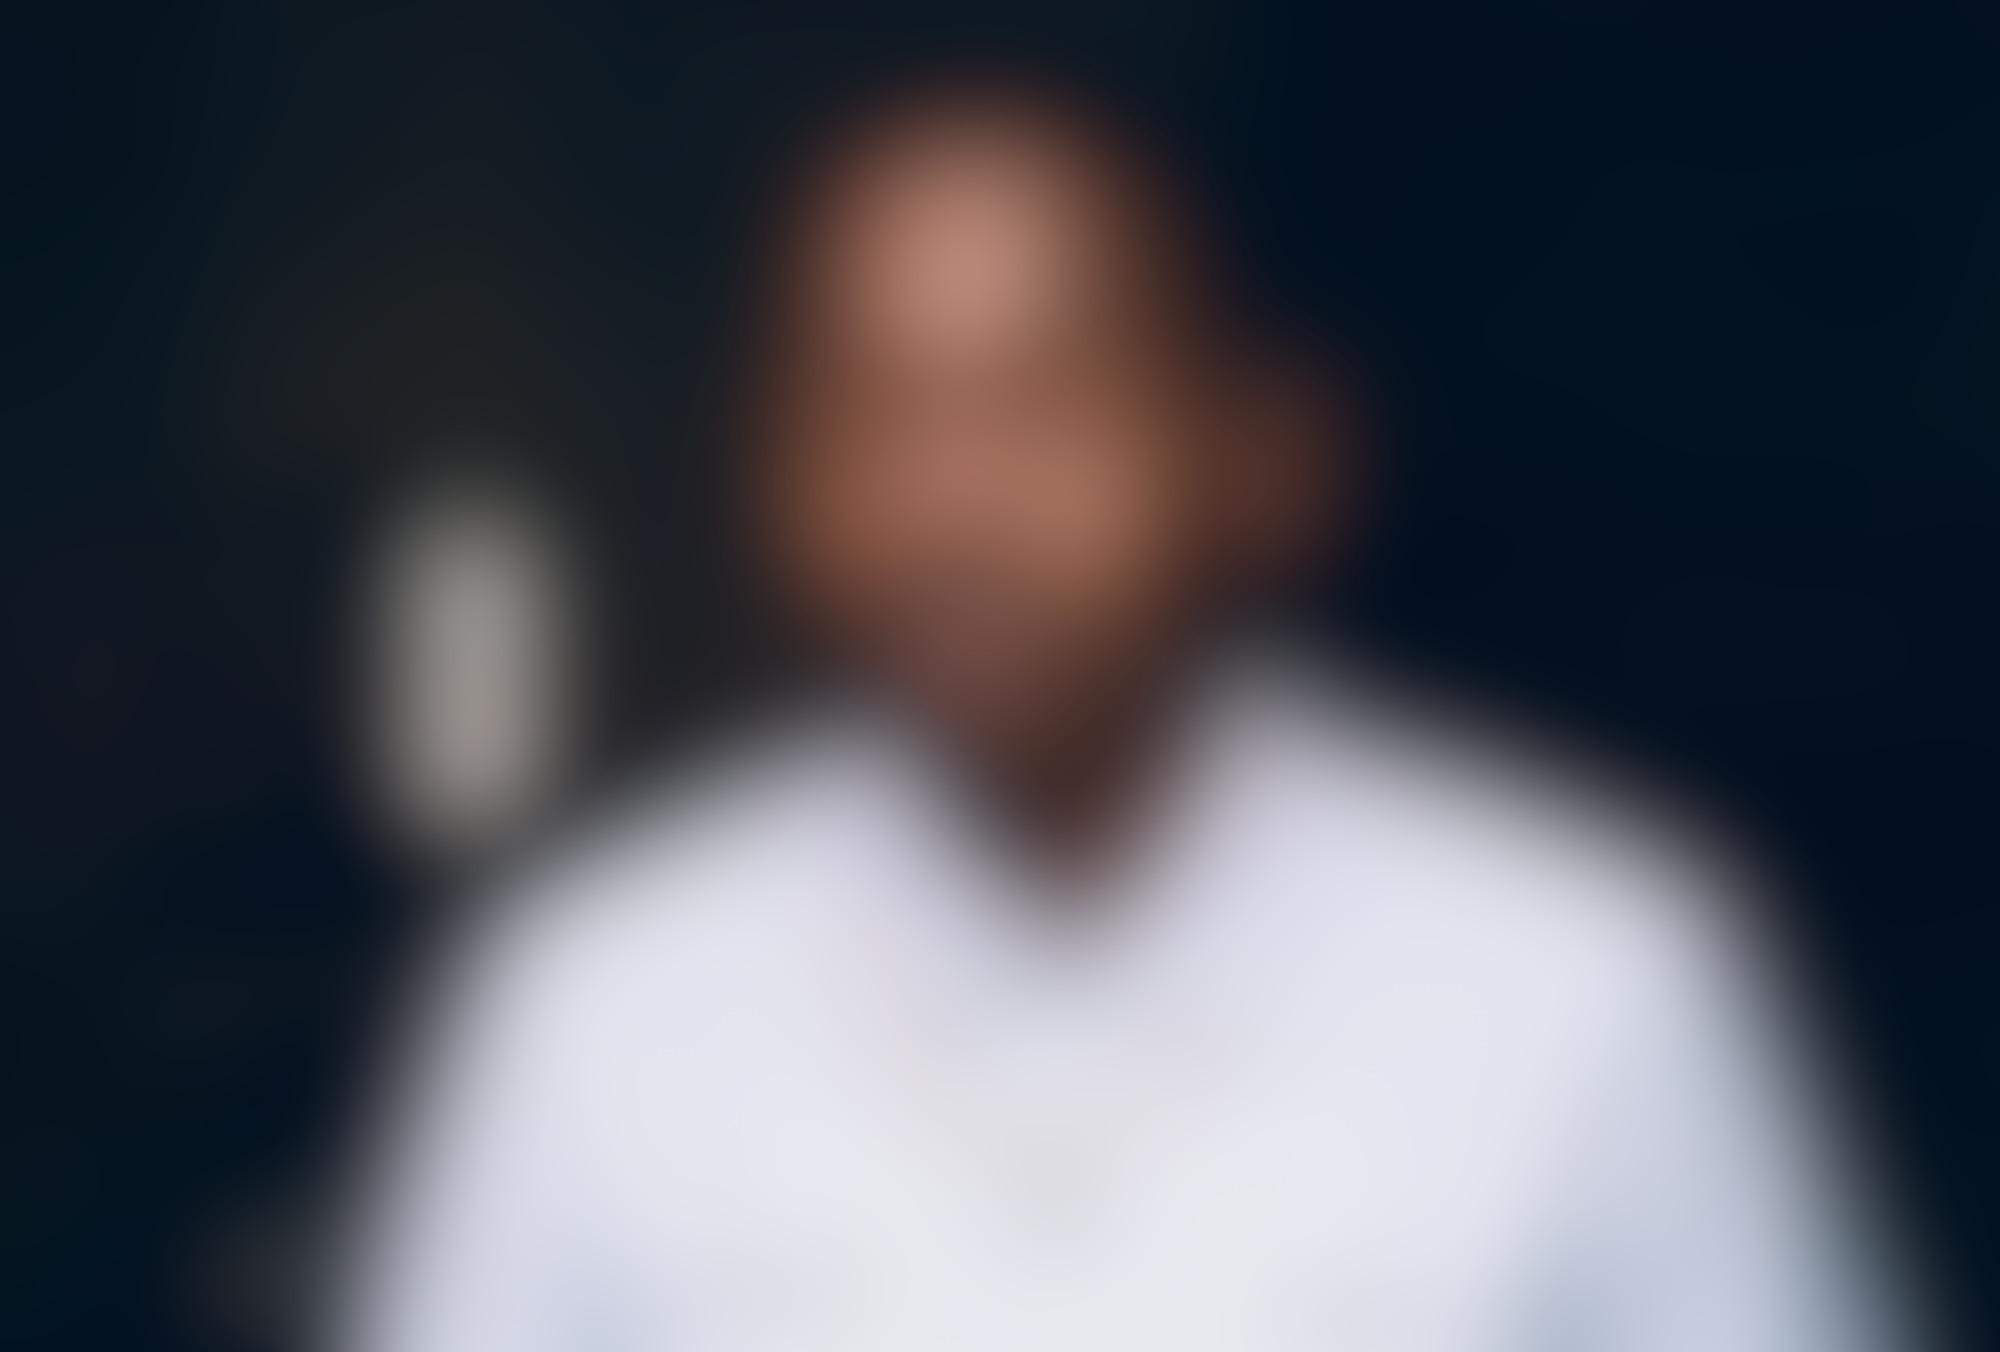 Kendrick Lamar by Katharina Poblotzki autocompressfitresizeixlibphp 1 1 0max h2000max w3 D2000q80s7d6d58b0b2bacc9c9c0da53042912257